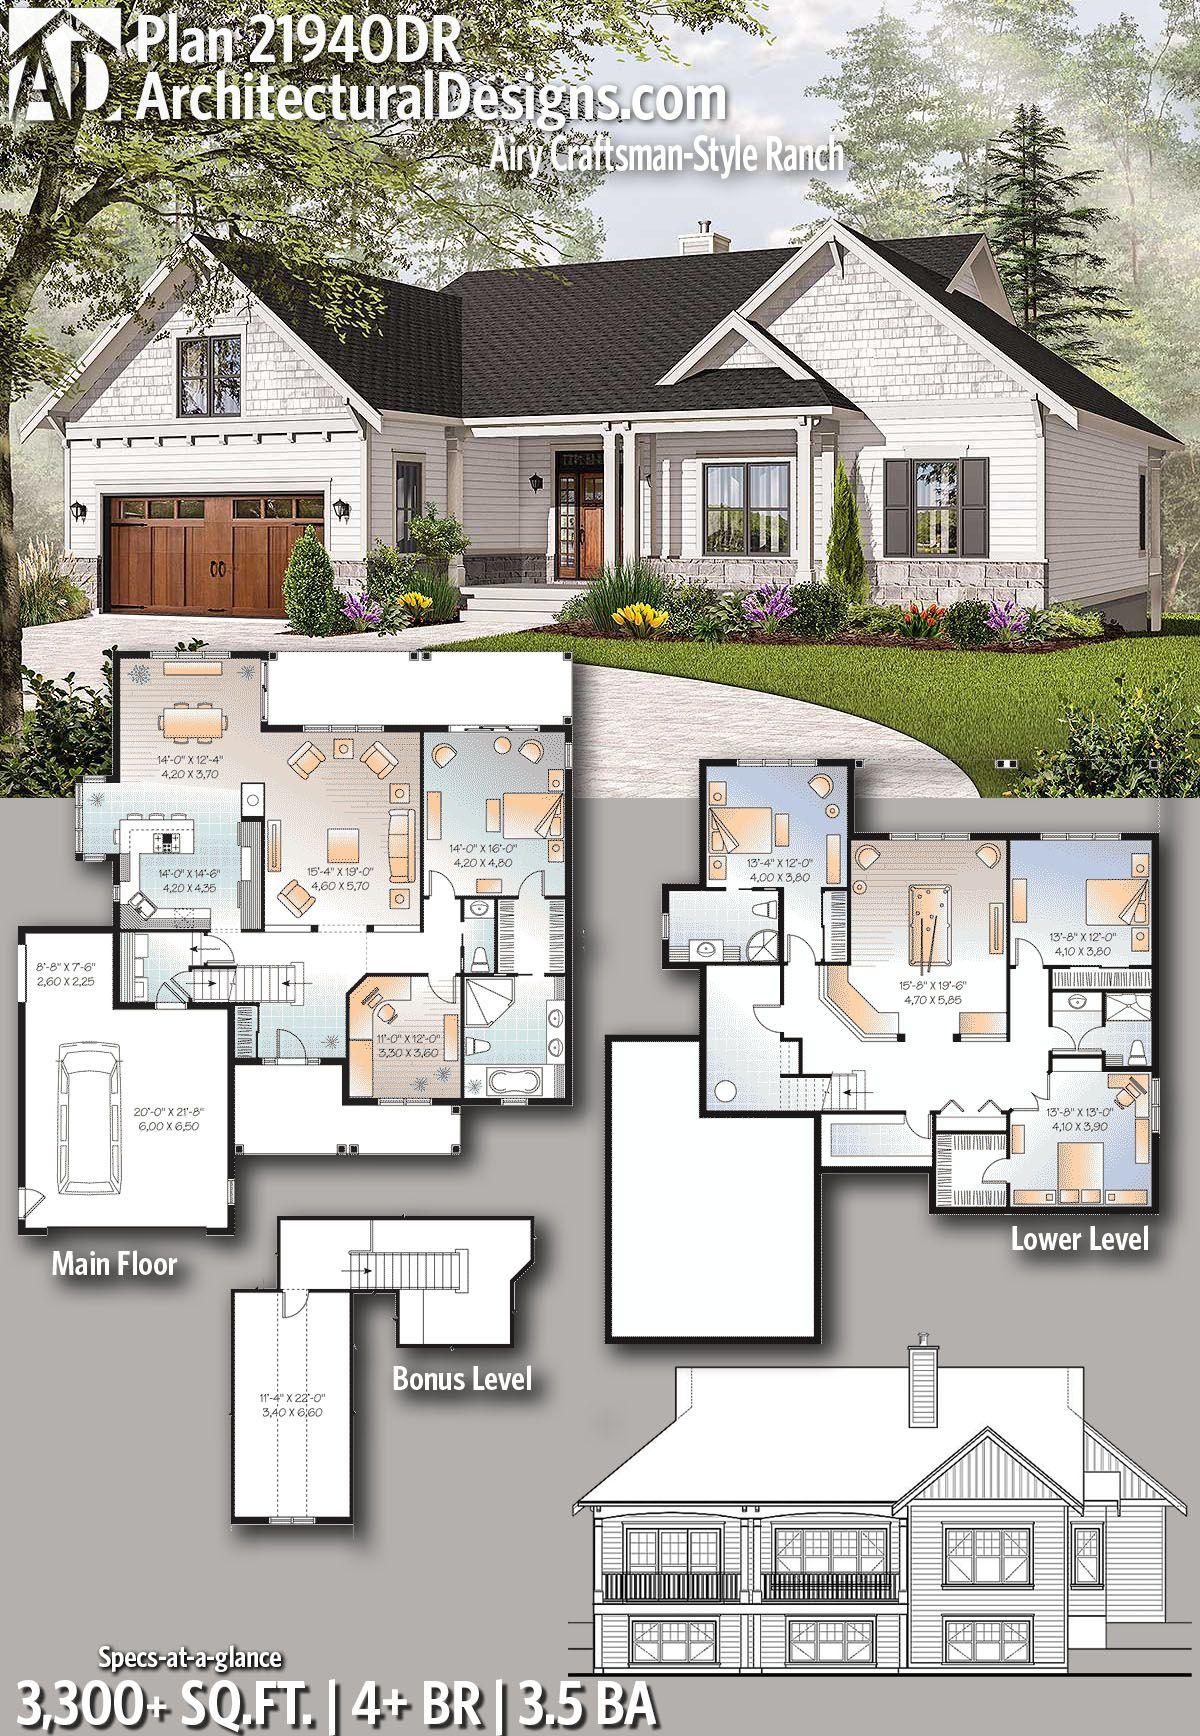 Plan dr airy craftsmanstyle ranch planos de la casa